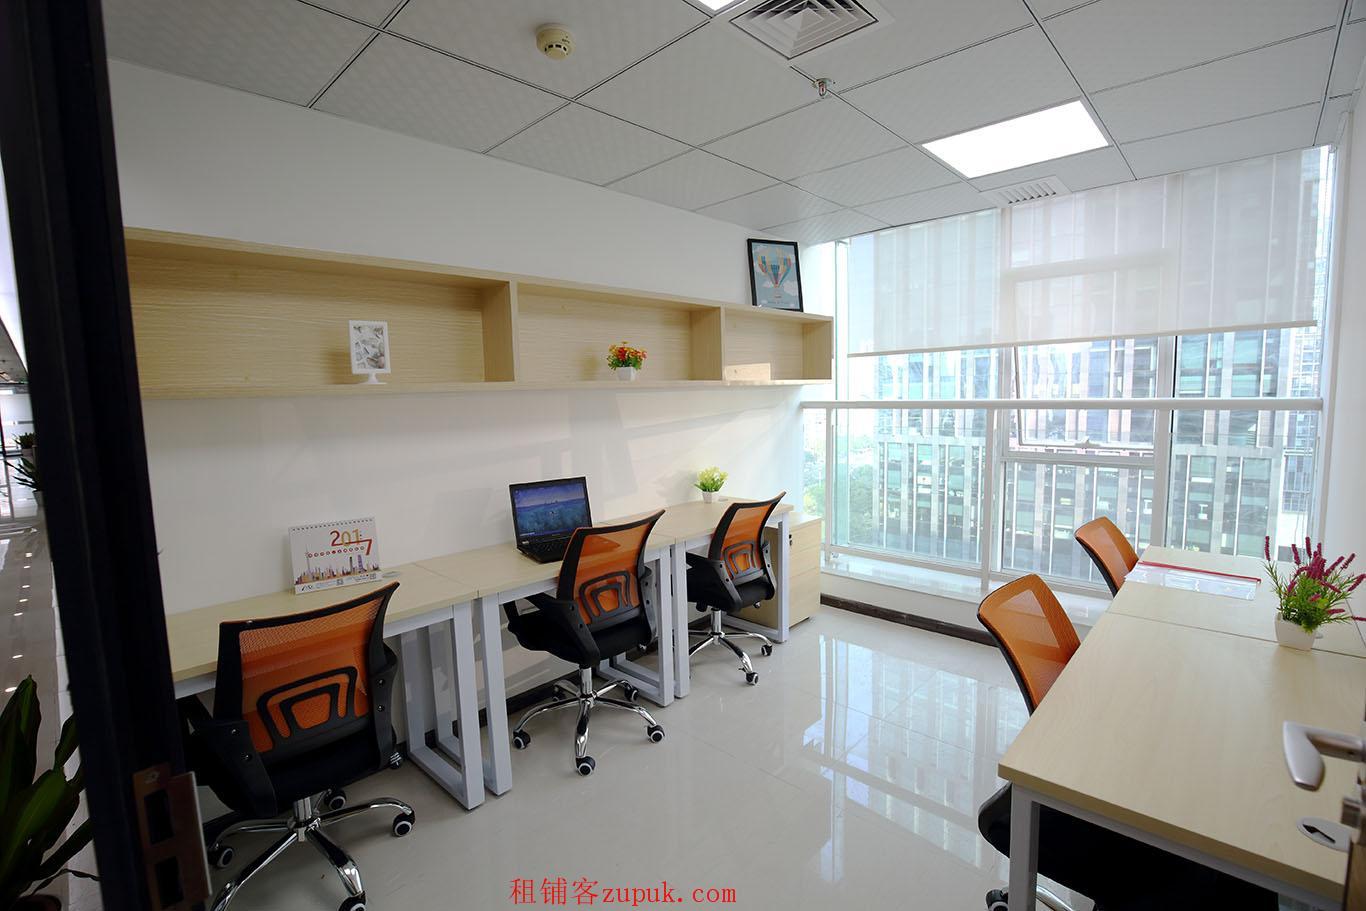 科韵路 独立办公室实体地址挂靠 注冊变更 正规安全